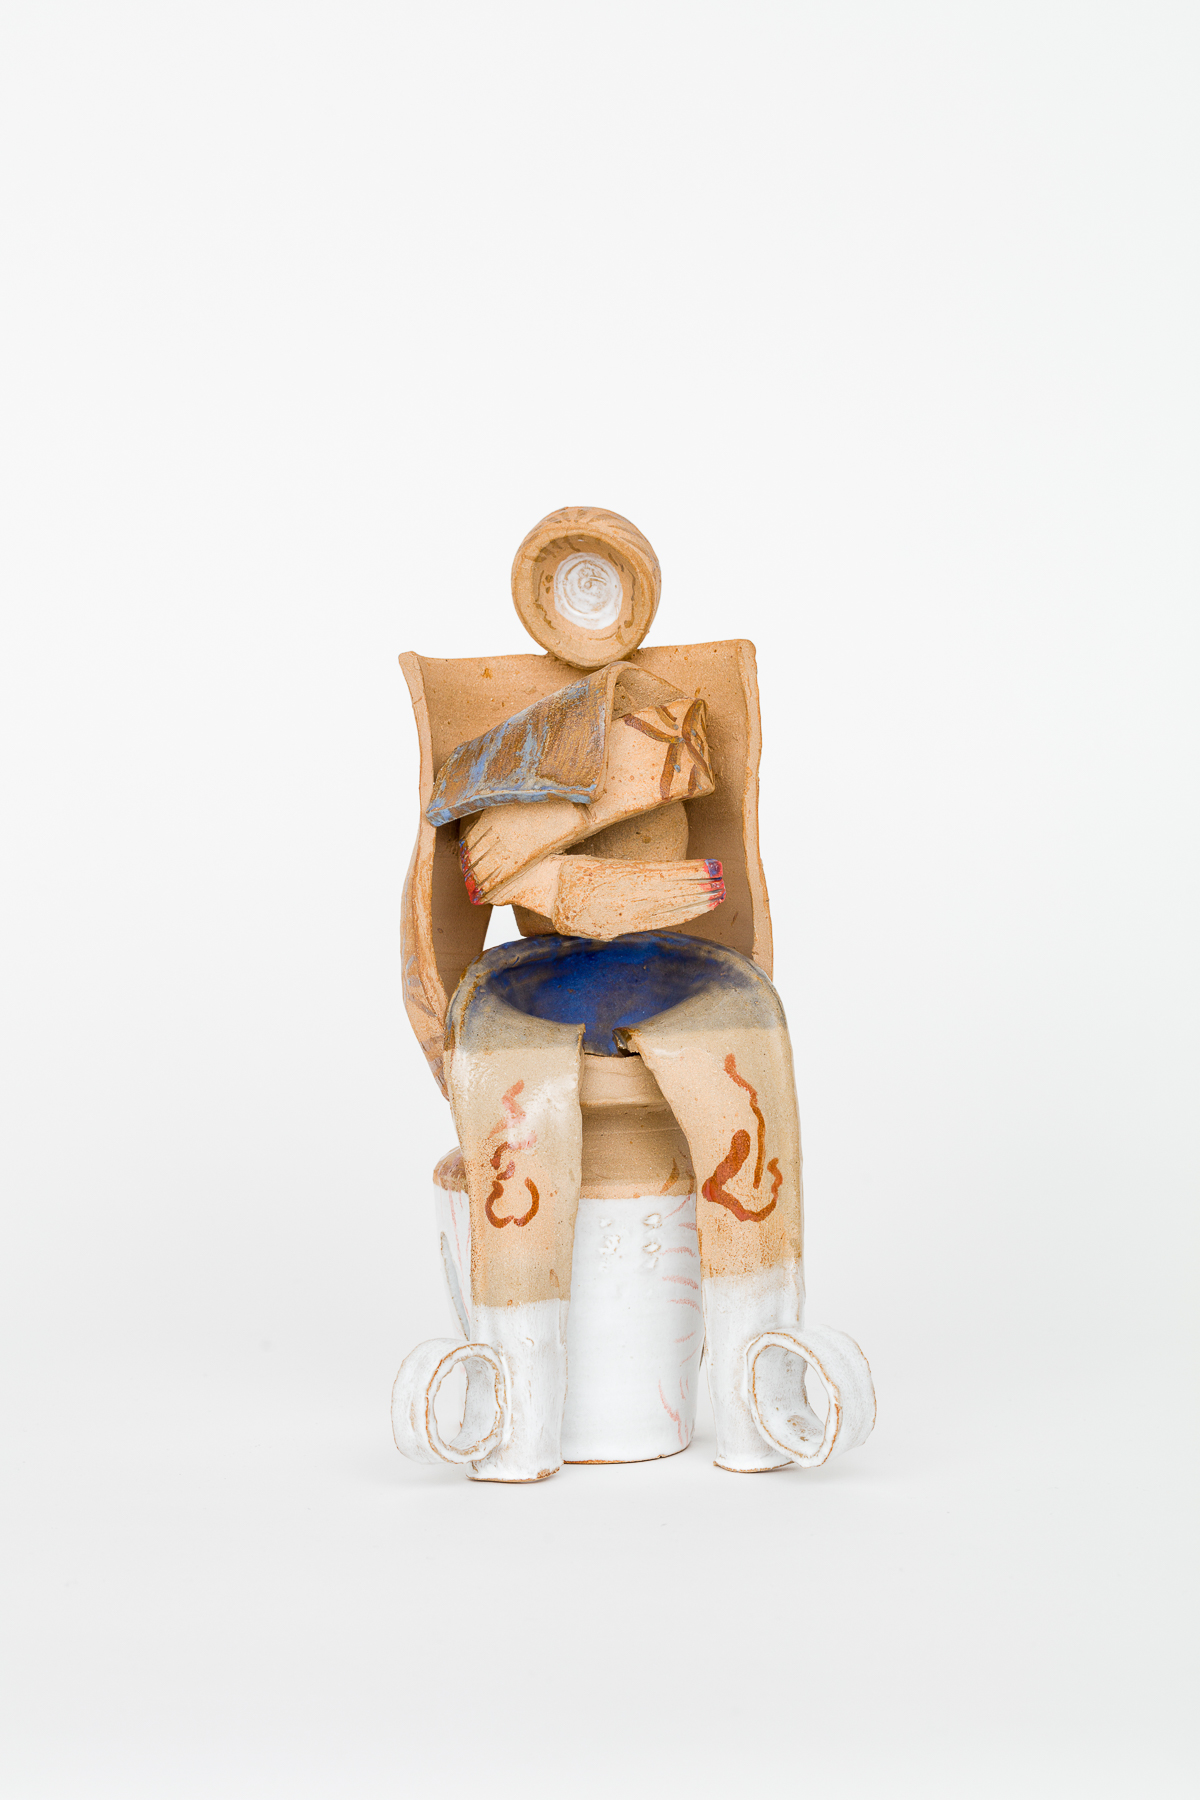 Anna Schachinger_Keramikskulpturen_bykunstdokumentationcom_16.jpg